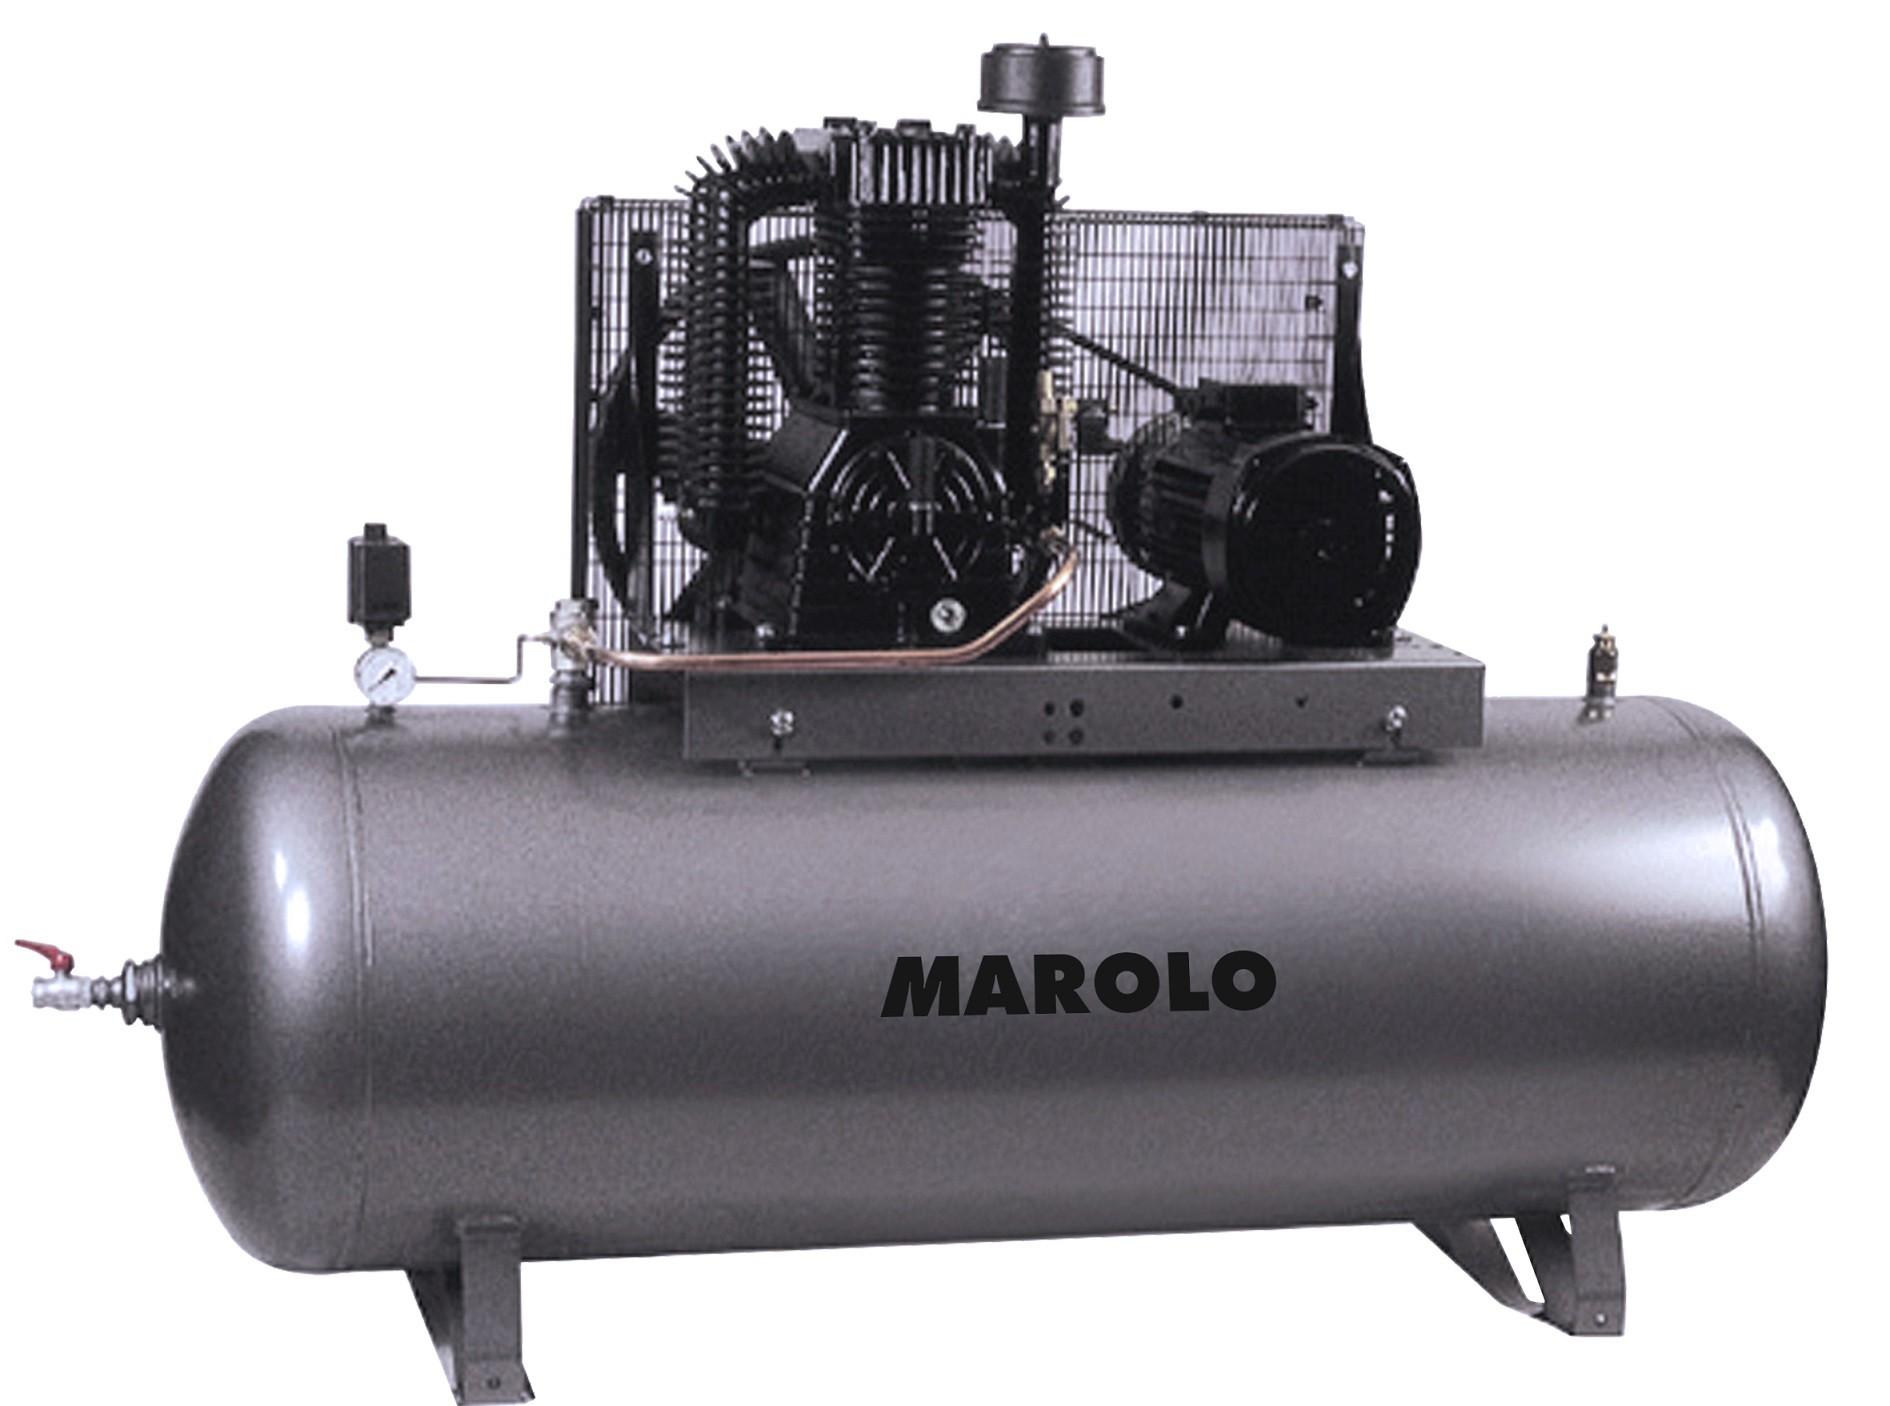 Marolotest compresseur 500 litres monocylindre bi tage triphas 380 v 7 5 cv - Compresseur 500 litres ...